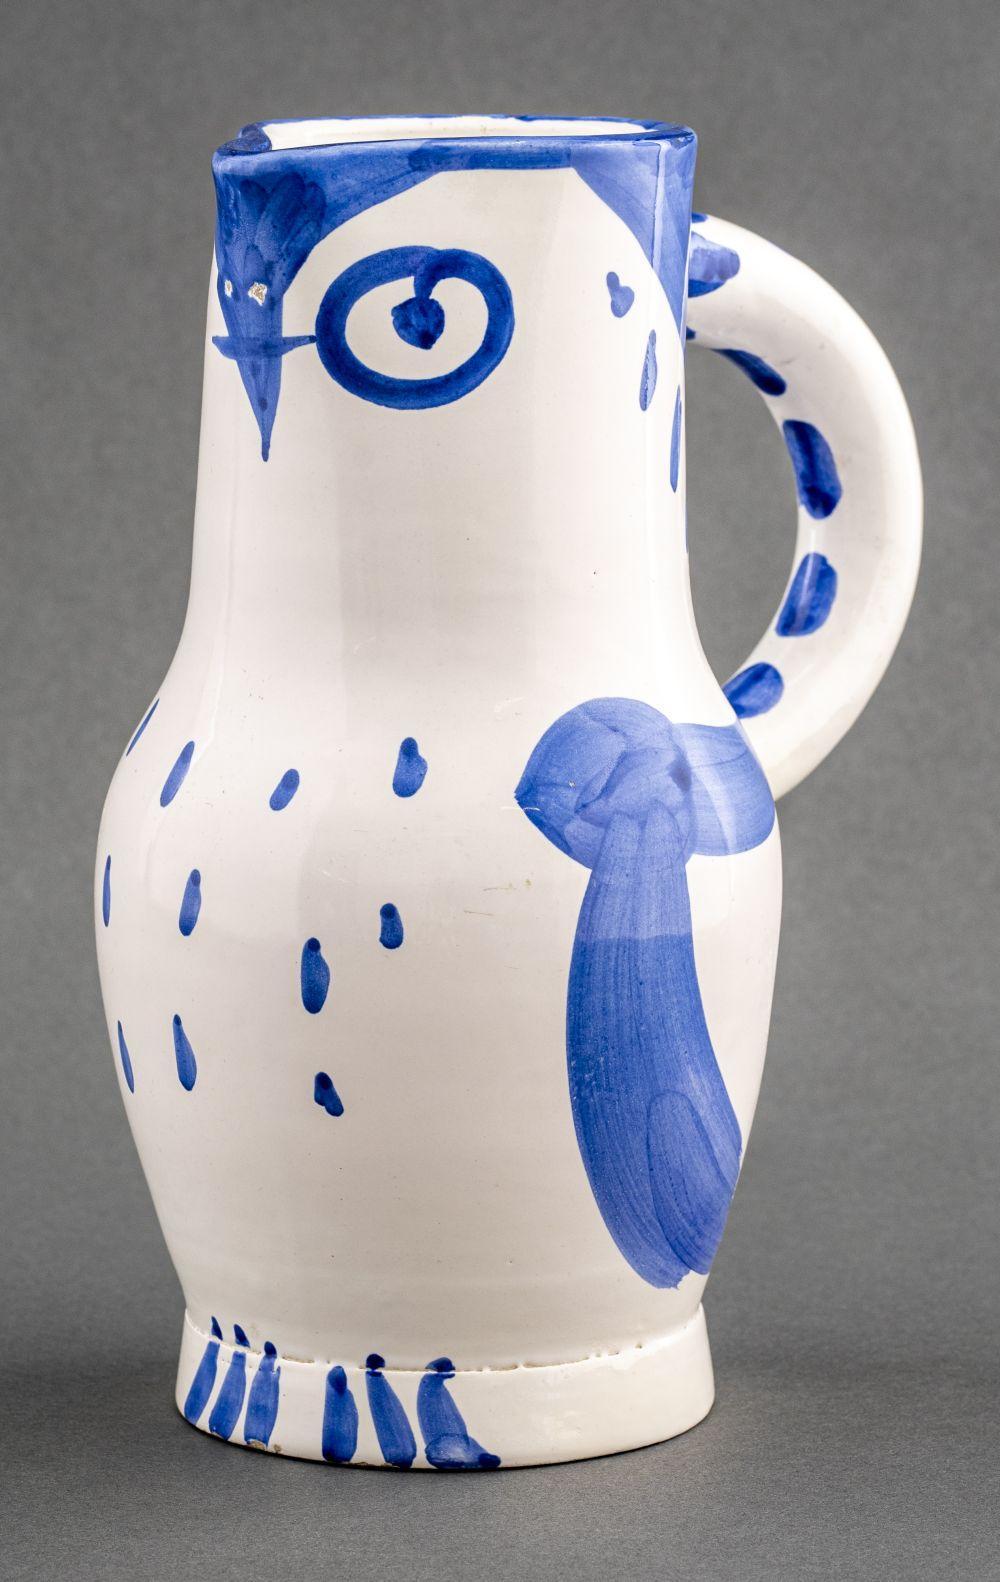 Pablo Picasso 'Hibou' Ceramic Owl Pitcher